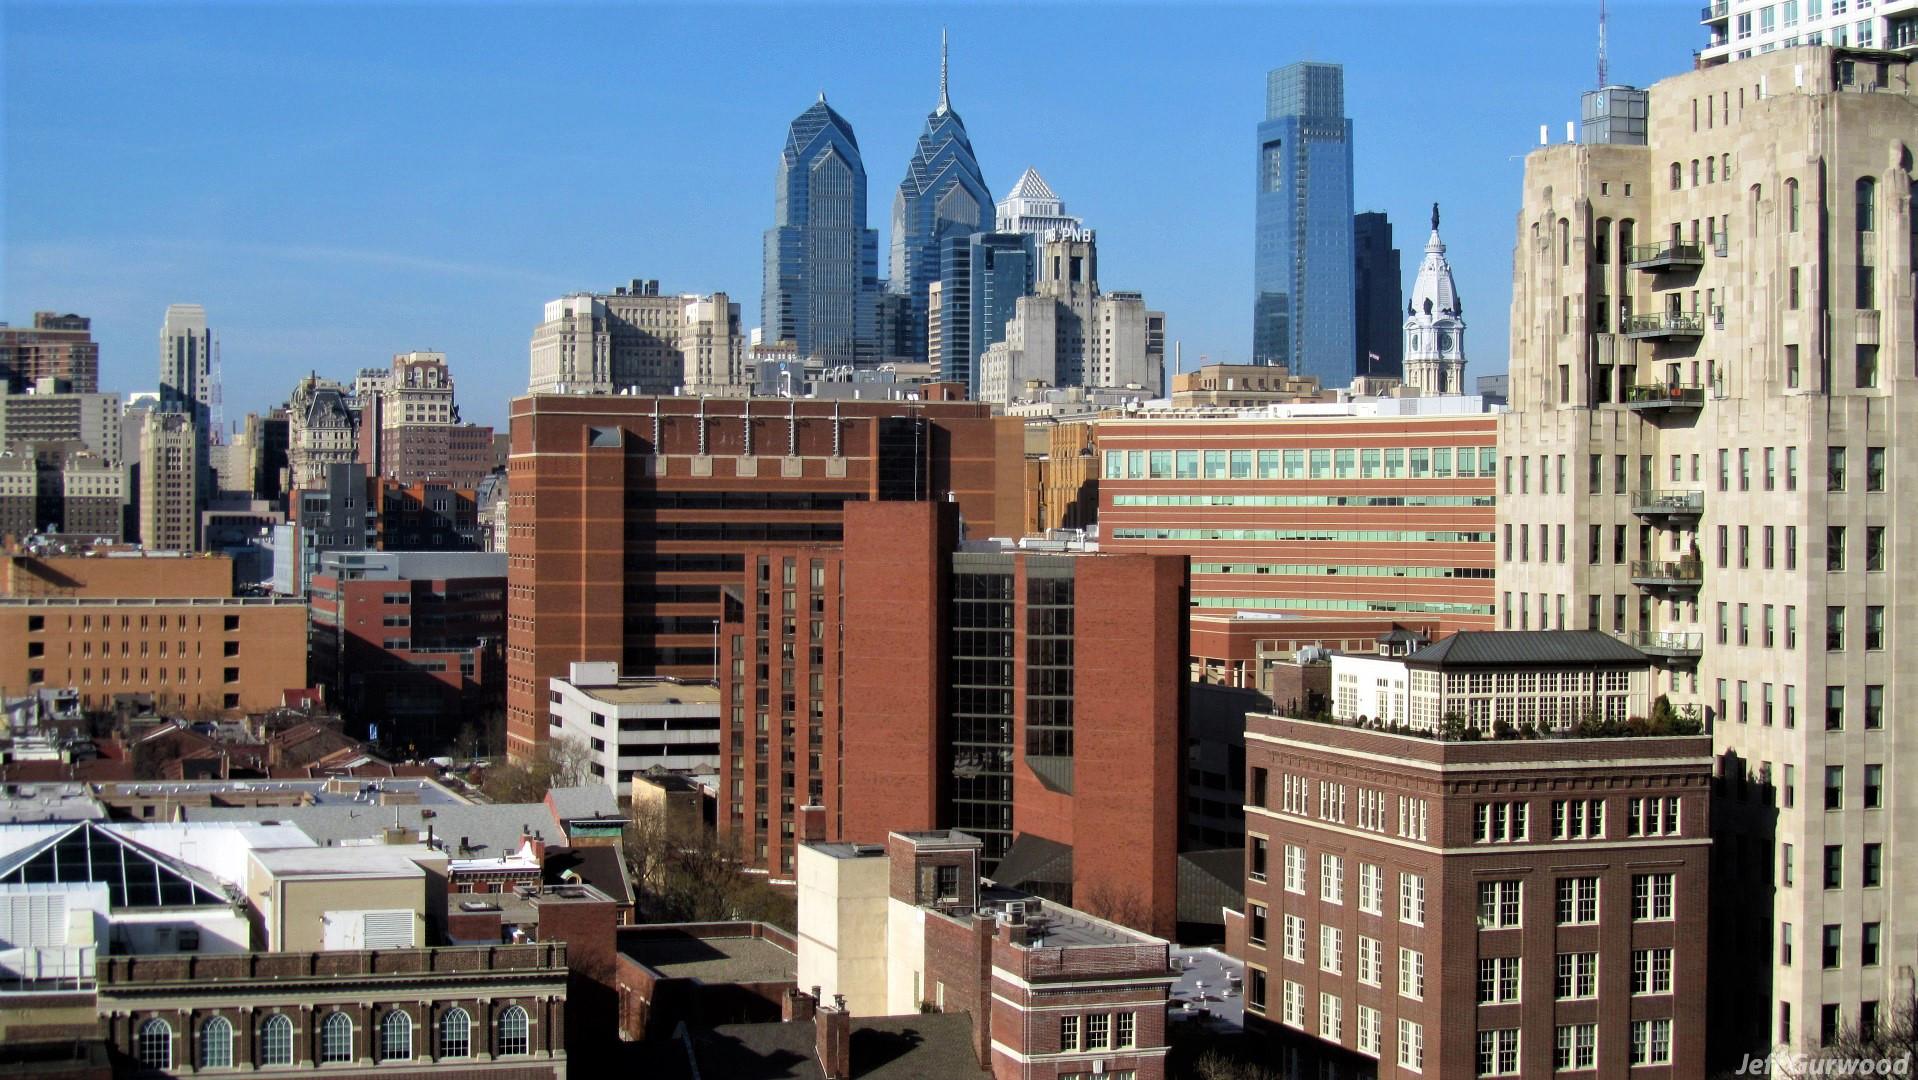 Philadelphia 33 2012